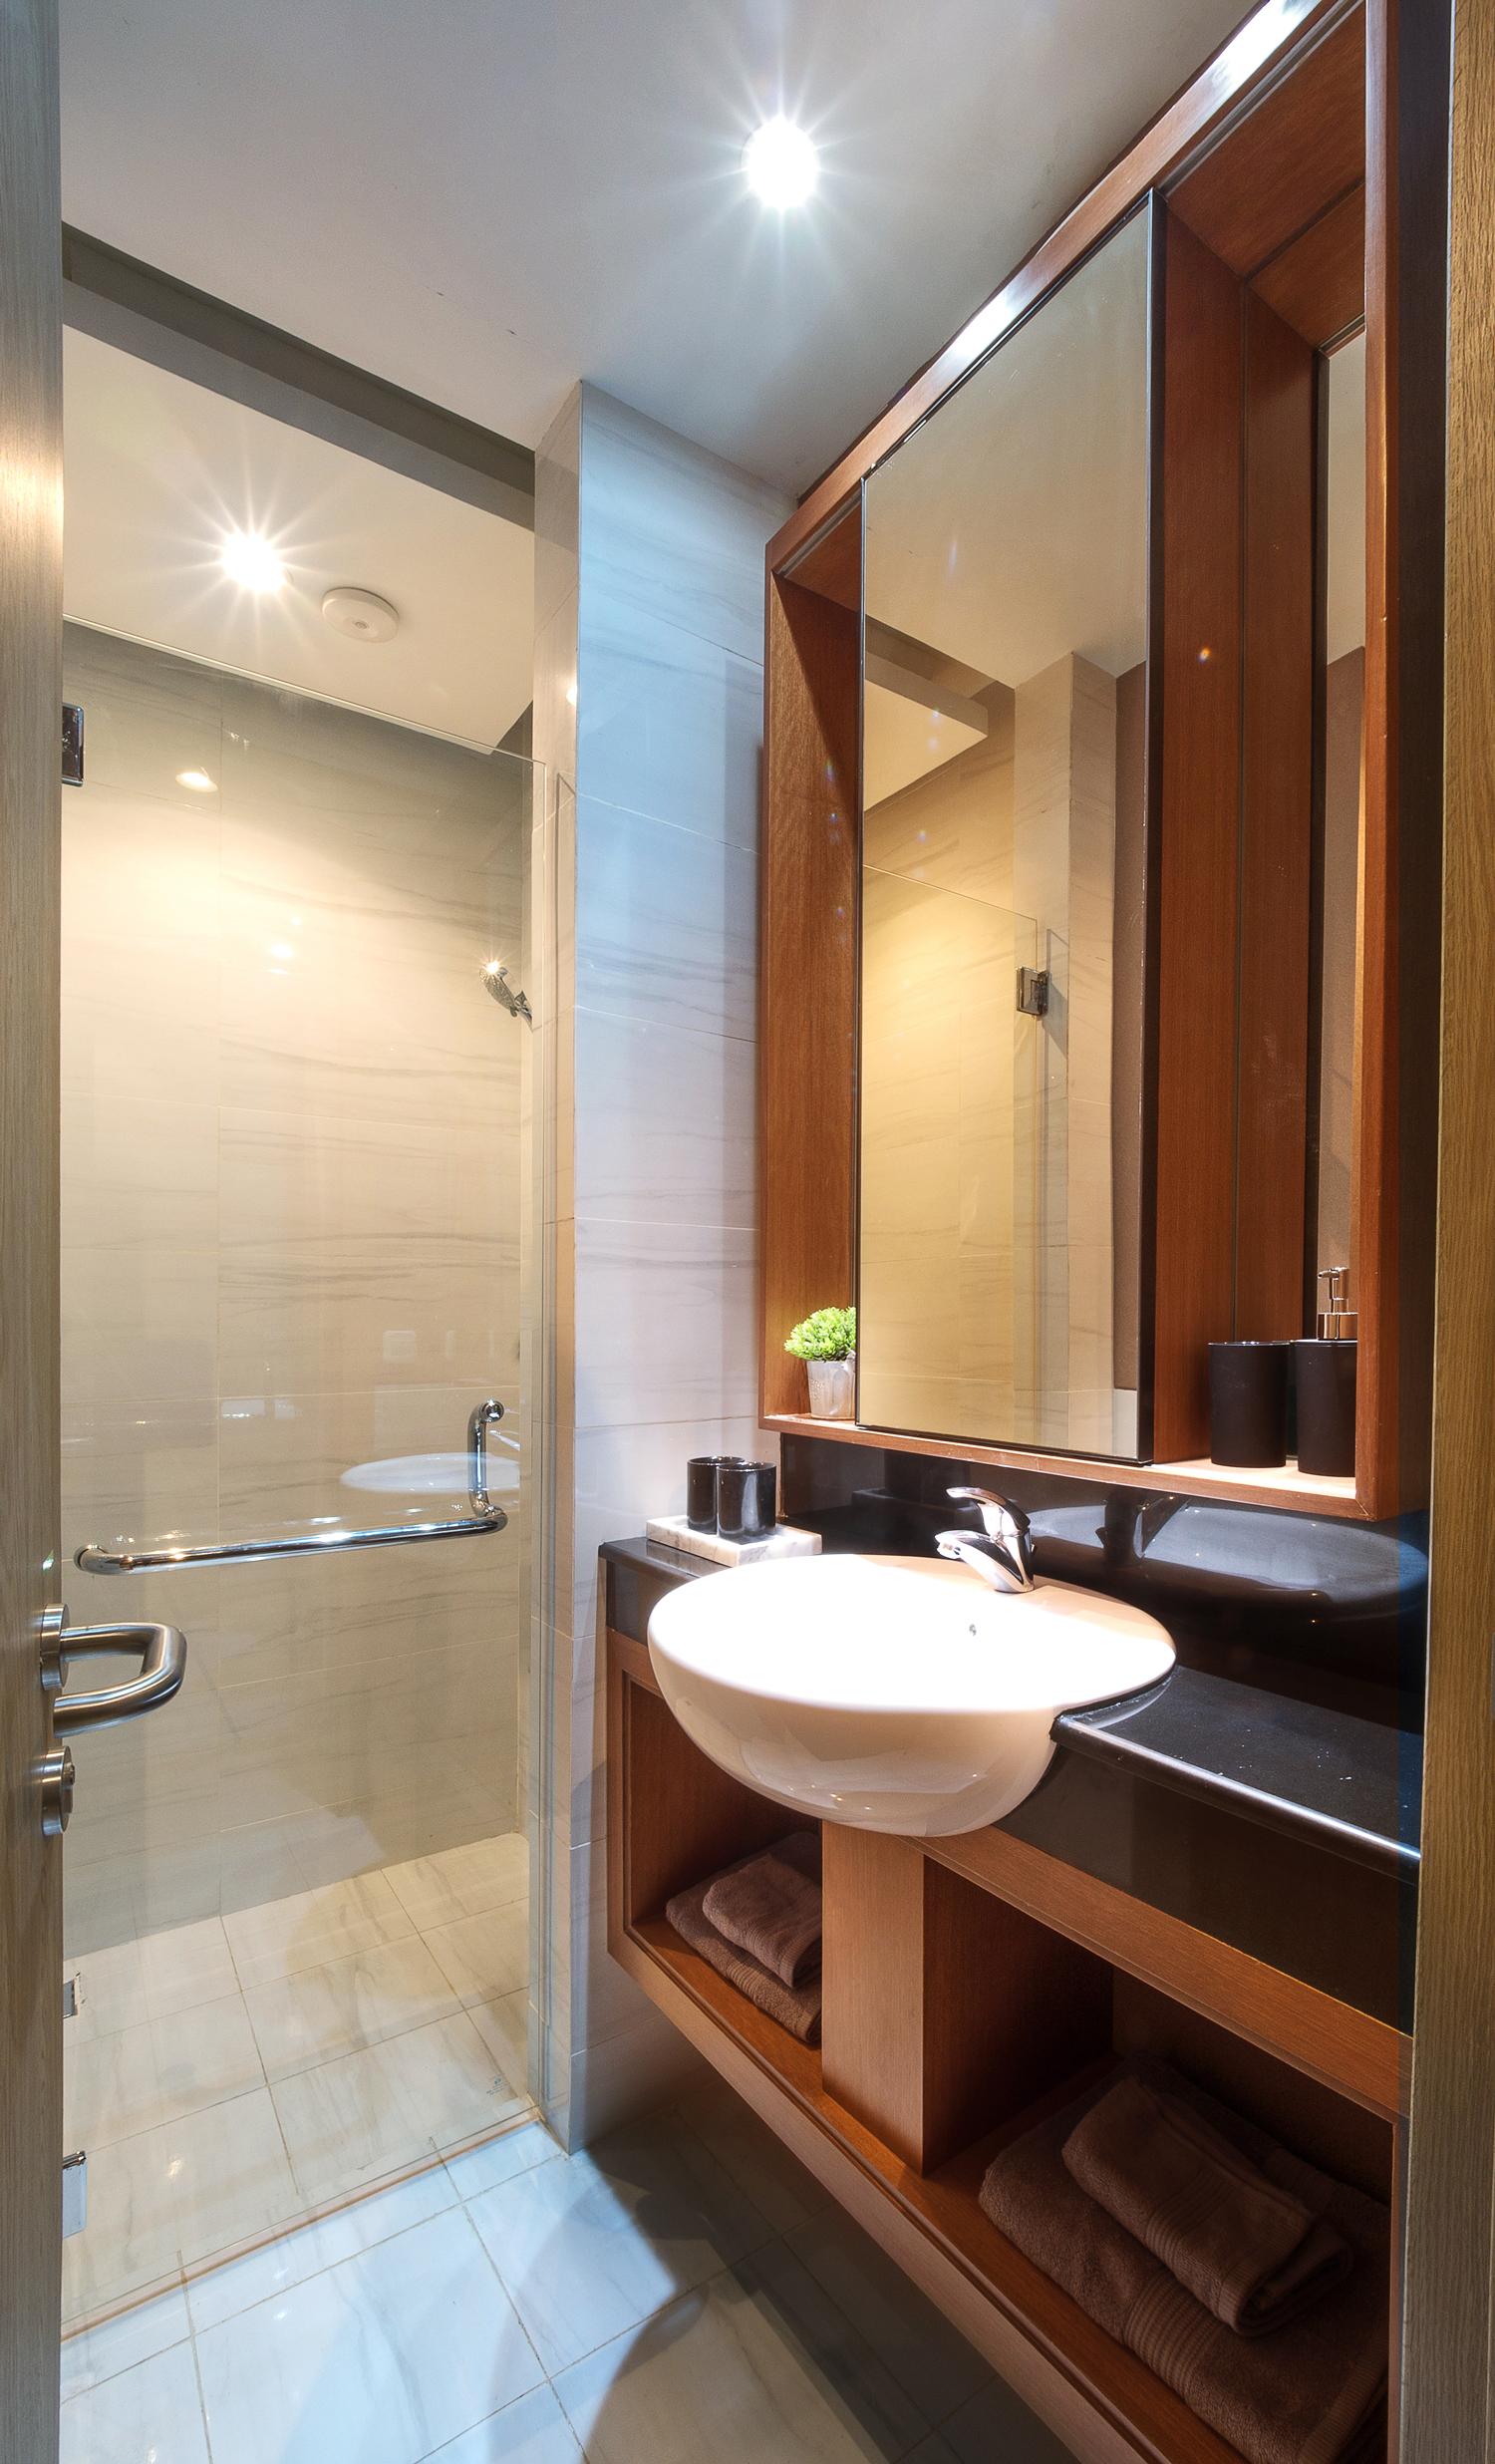 Savasa Panahome 7x12 Master Bathroom